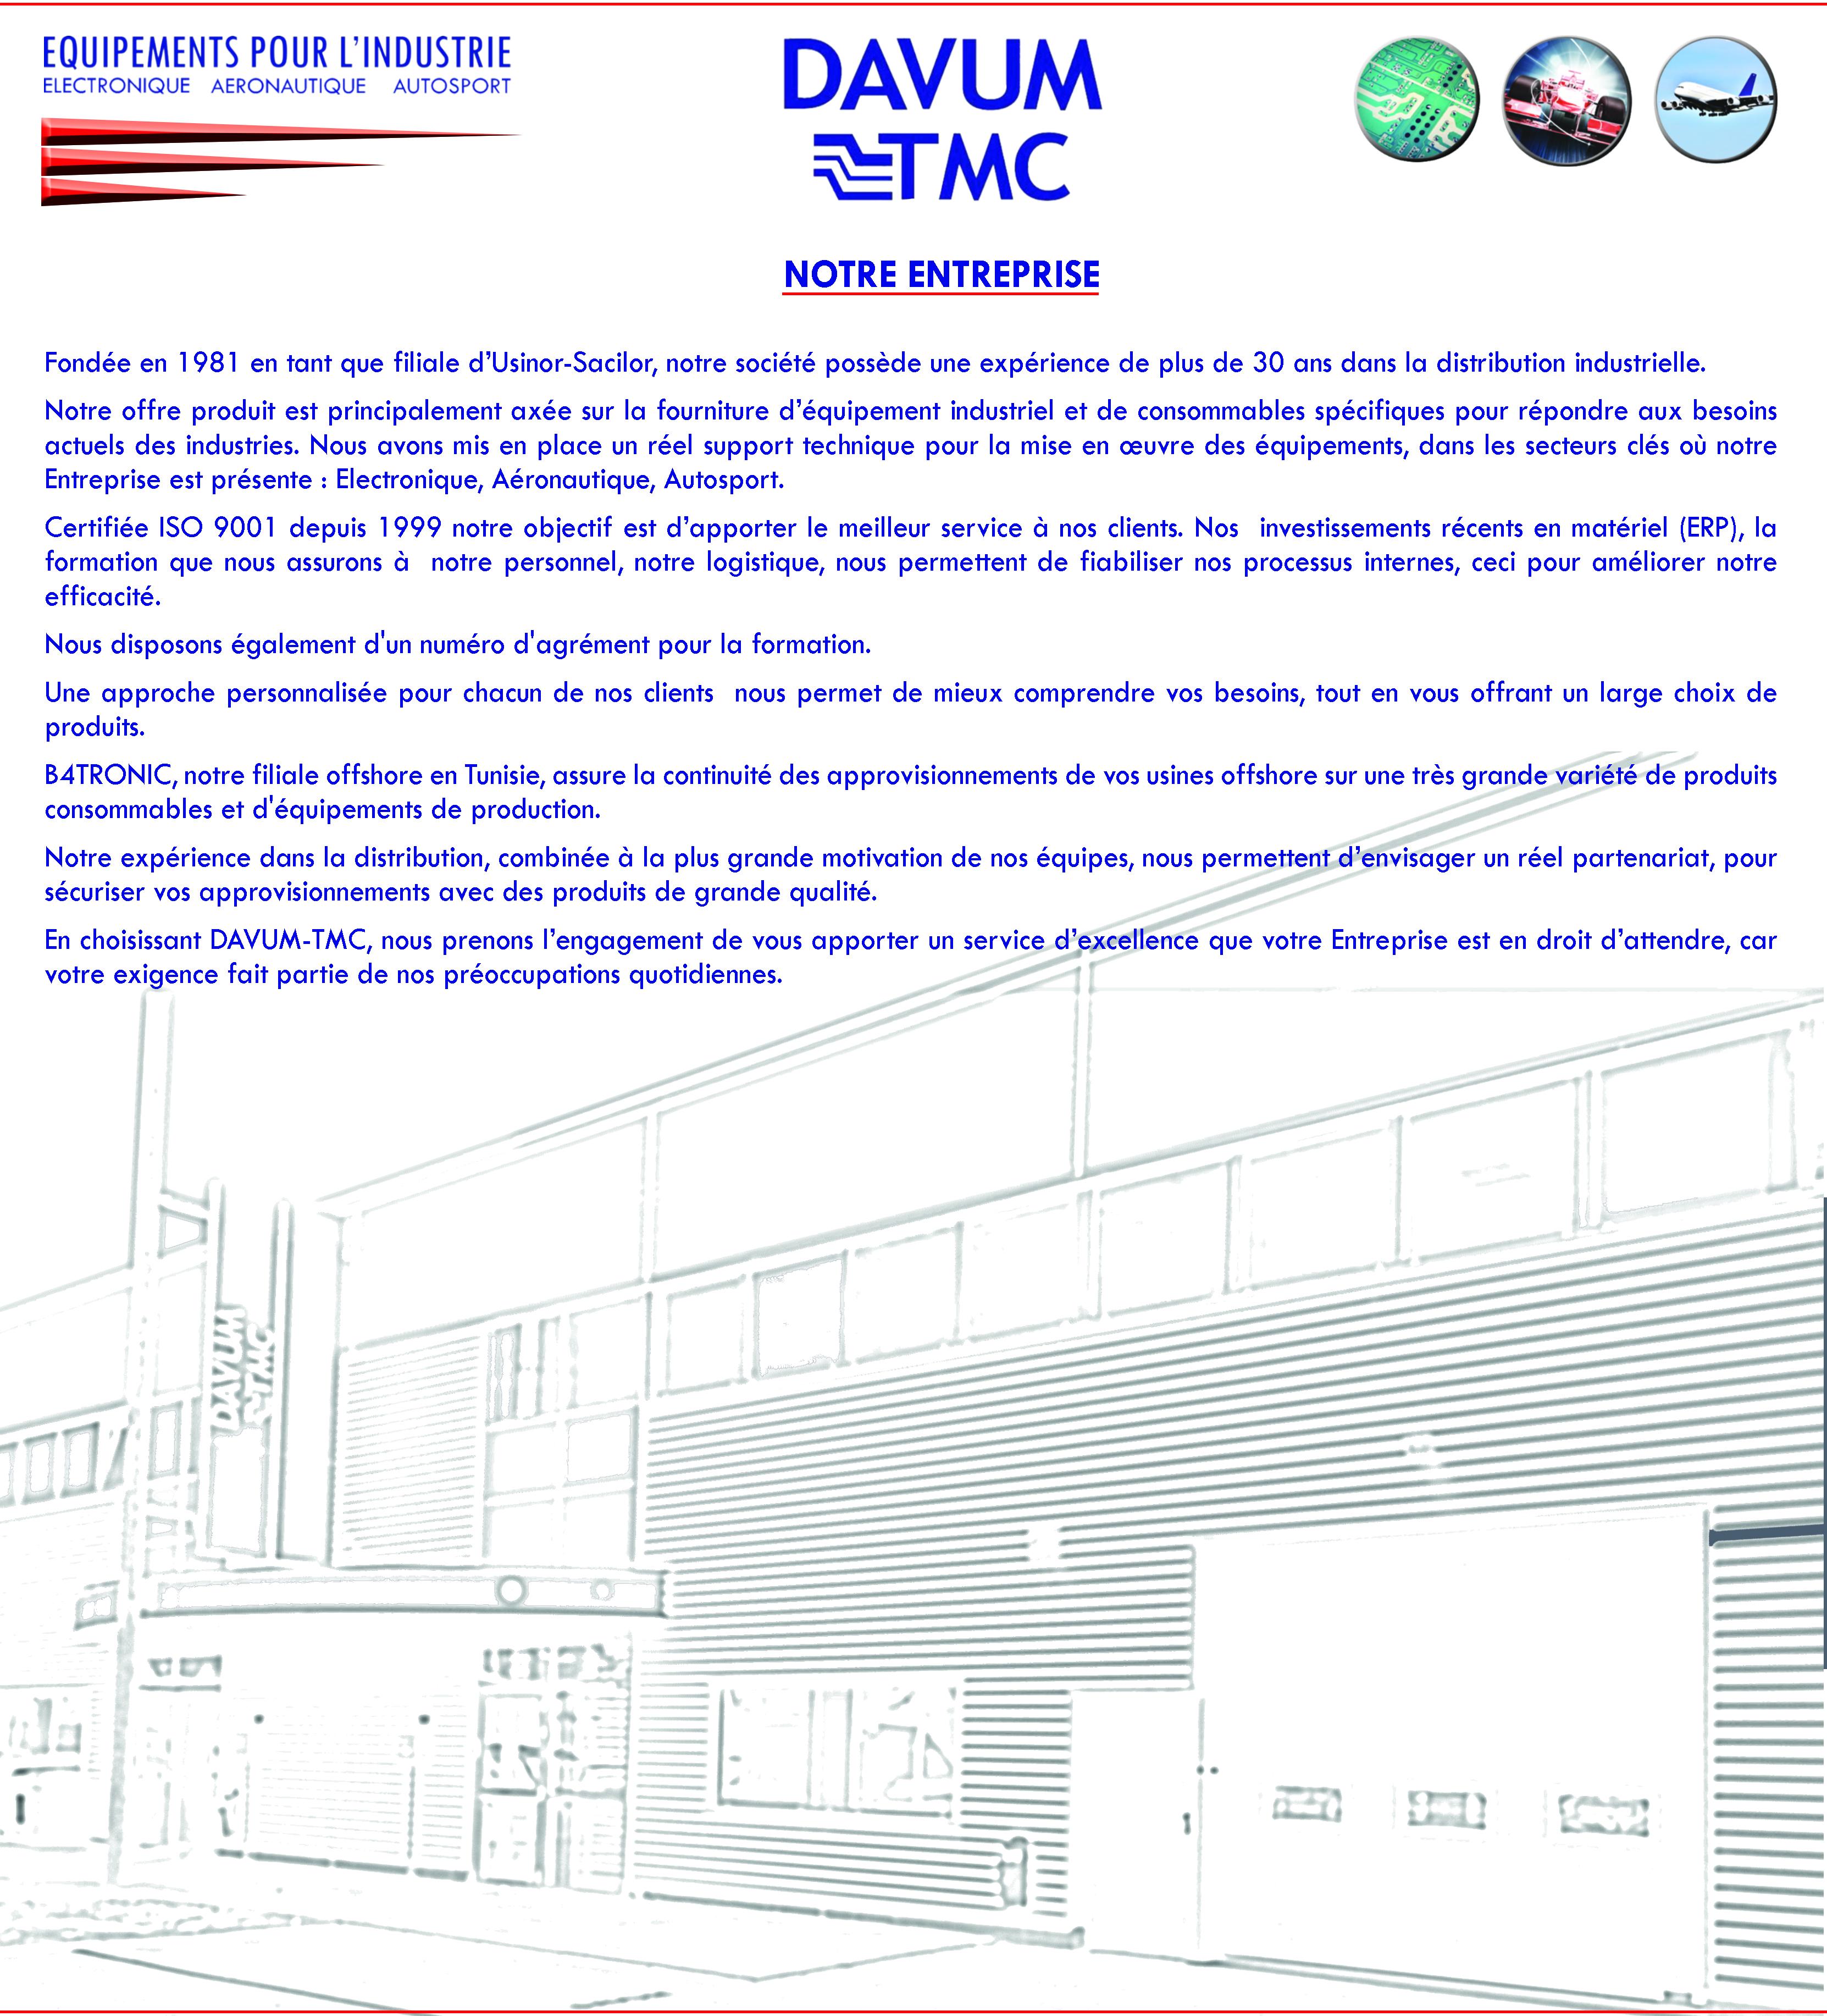 Notre entreprise  Fondée en 1981 en tant que filiale d'Usinor-Sacilor, notre société possède une expérience de plus de 30 ans dans la distribution industrielle.  Notre offre produit est principalement axée sur la fourniture d'équipement industriel et de consommables spécifiques pour répondre aux besoins actuels des industries. Nous avons mis en place un réel support technique pour la mise en œuvre des équipements, dans les secteurs clés où notre Entreprise est présente : Electronique, Aéronautique, Autosport.  Certifiée ISO 9001 depuis 1999 notre objectif est d'apporter le meilleur service à nos clients. Nos  investissements récents en matériel (ERP), la formation que nous assurons à  notre personnel, notre logistique, nous permettent de fiabiliser nos processus internes, ceci pour améliorer notre efficacité.  Nous disposons également d'un numéro d'agrément pour la formation.  Une approche personnalisée pour chacun de nos clients  nous permet de mieux comprendre vos besoins, tout en vous offrant un large choix de produits.  B4TRONIC, notre filiale offshore en Tunisie, assure la continuité des approvisionnements de vos usines offshore sur une très grande variété de produits consommables et d'équipements de production.  Notre expérience dans la distribution, combinée à la plus grande motivation de nos équipes, nous permettent d'envisager un réel partenariat, pour sécuriser vos approvisionnements avec des produits de grande qualité.  En choisissant DAVUM-TMC, nous prenons l'engagement de vous apporter un service d'excellence que votre Entreprise est en droit d'attendre, car votre exigence fait partie de nos préoccupations quotidiennes.